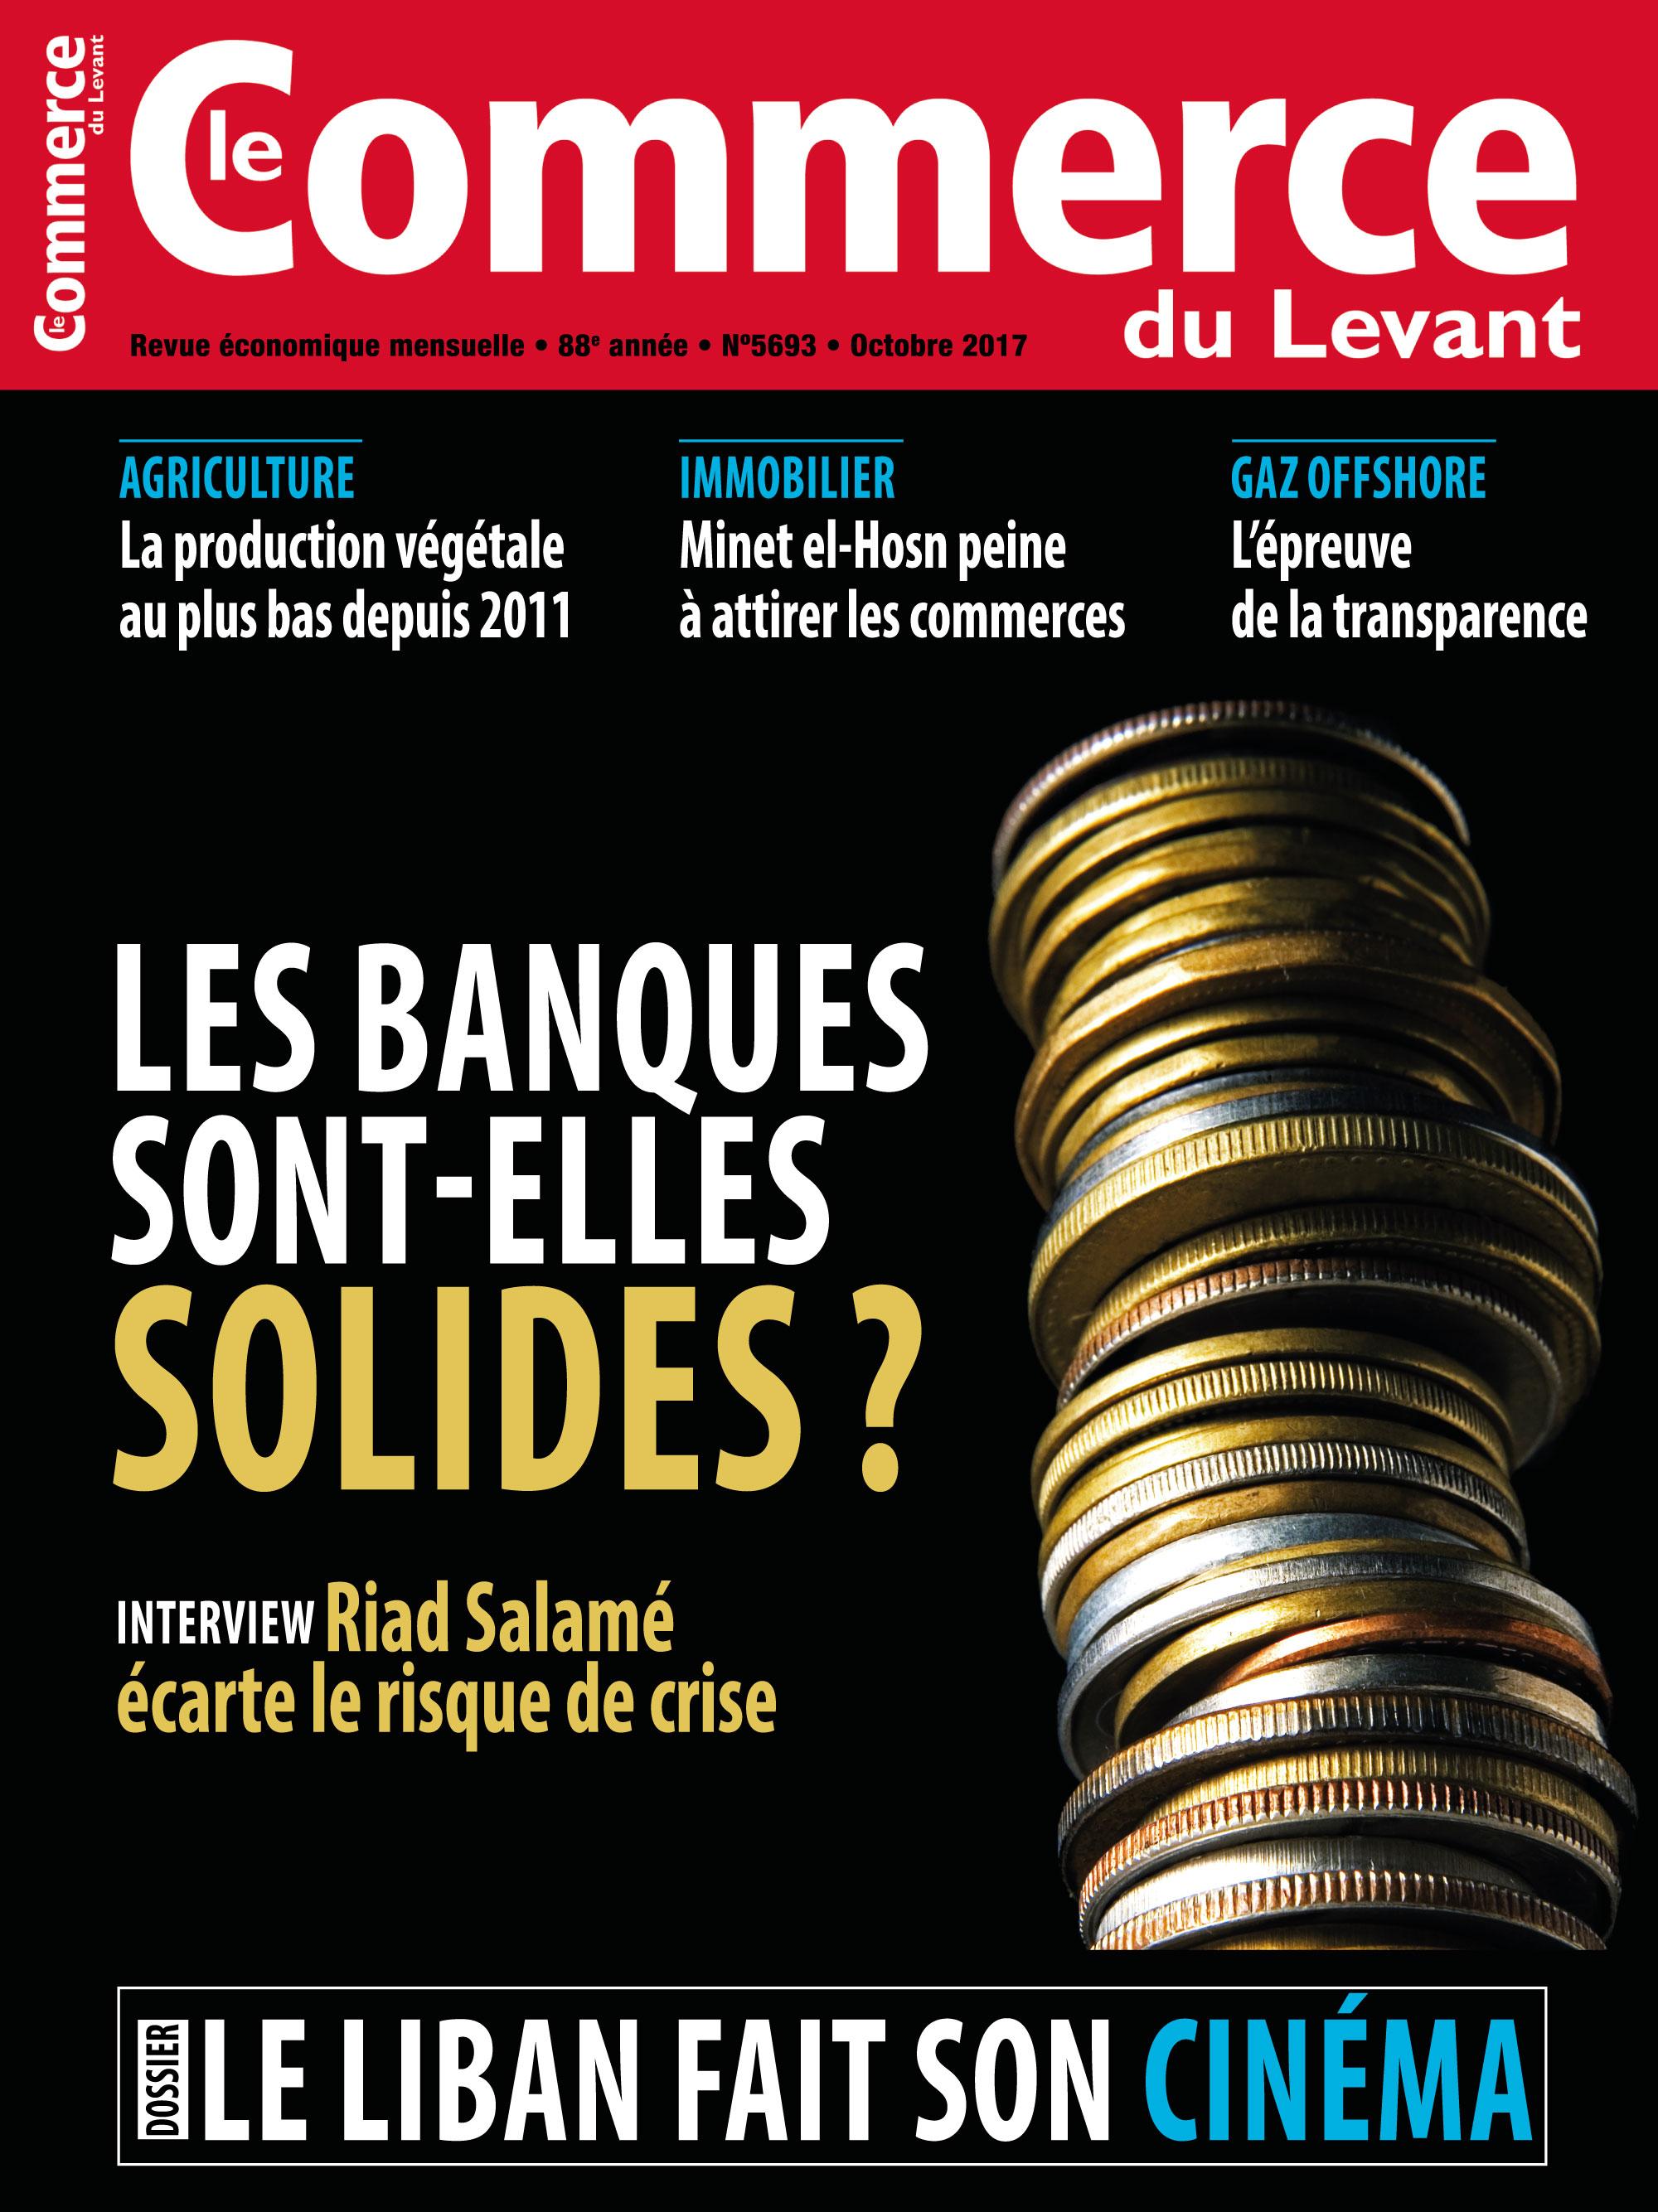 Le Commerce du Levant No.5693 Octobre 2017